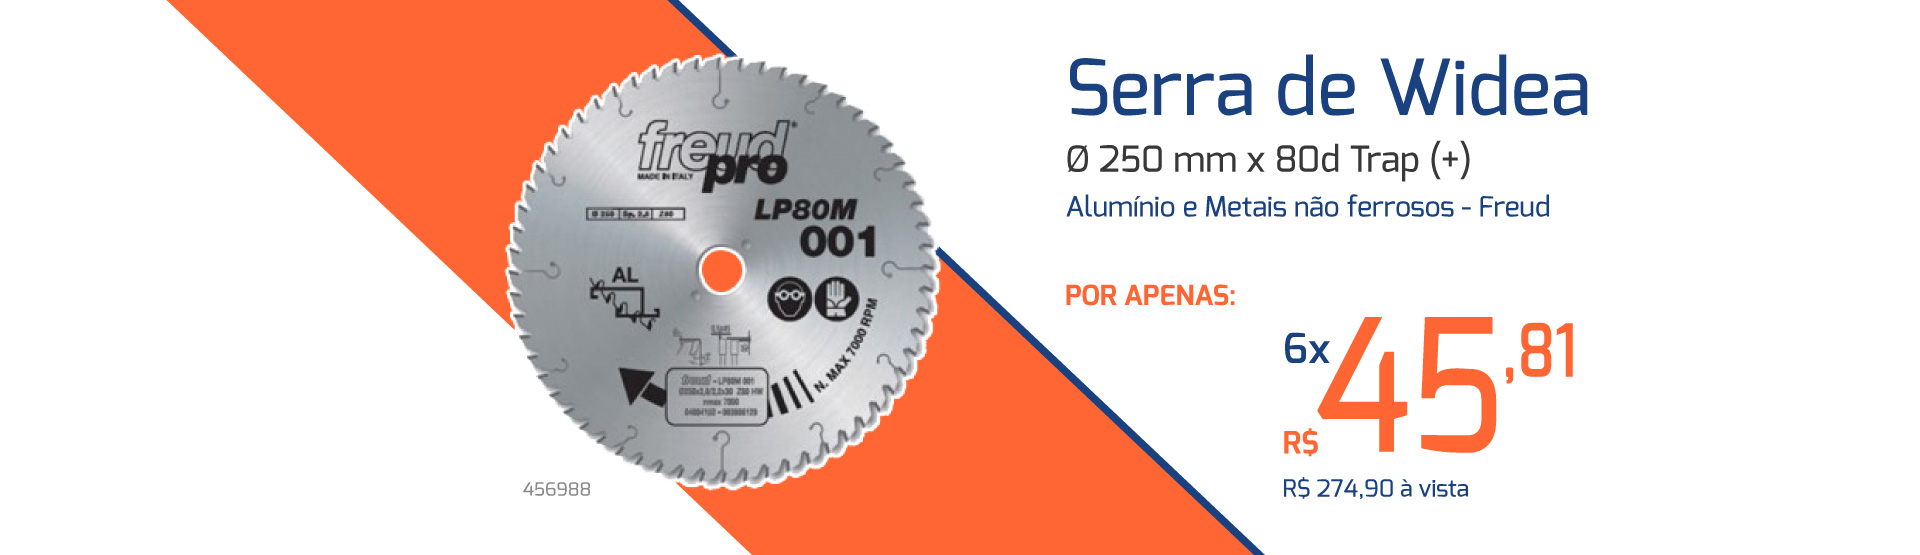 Serra 2